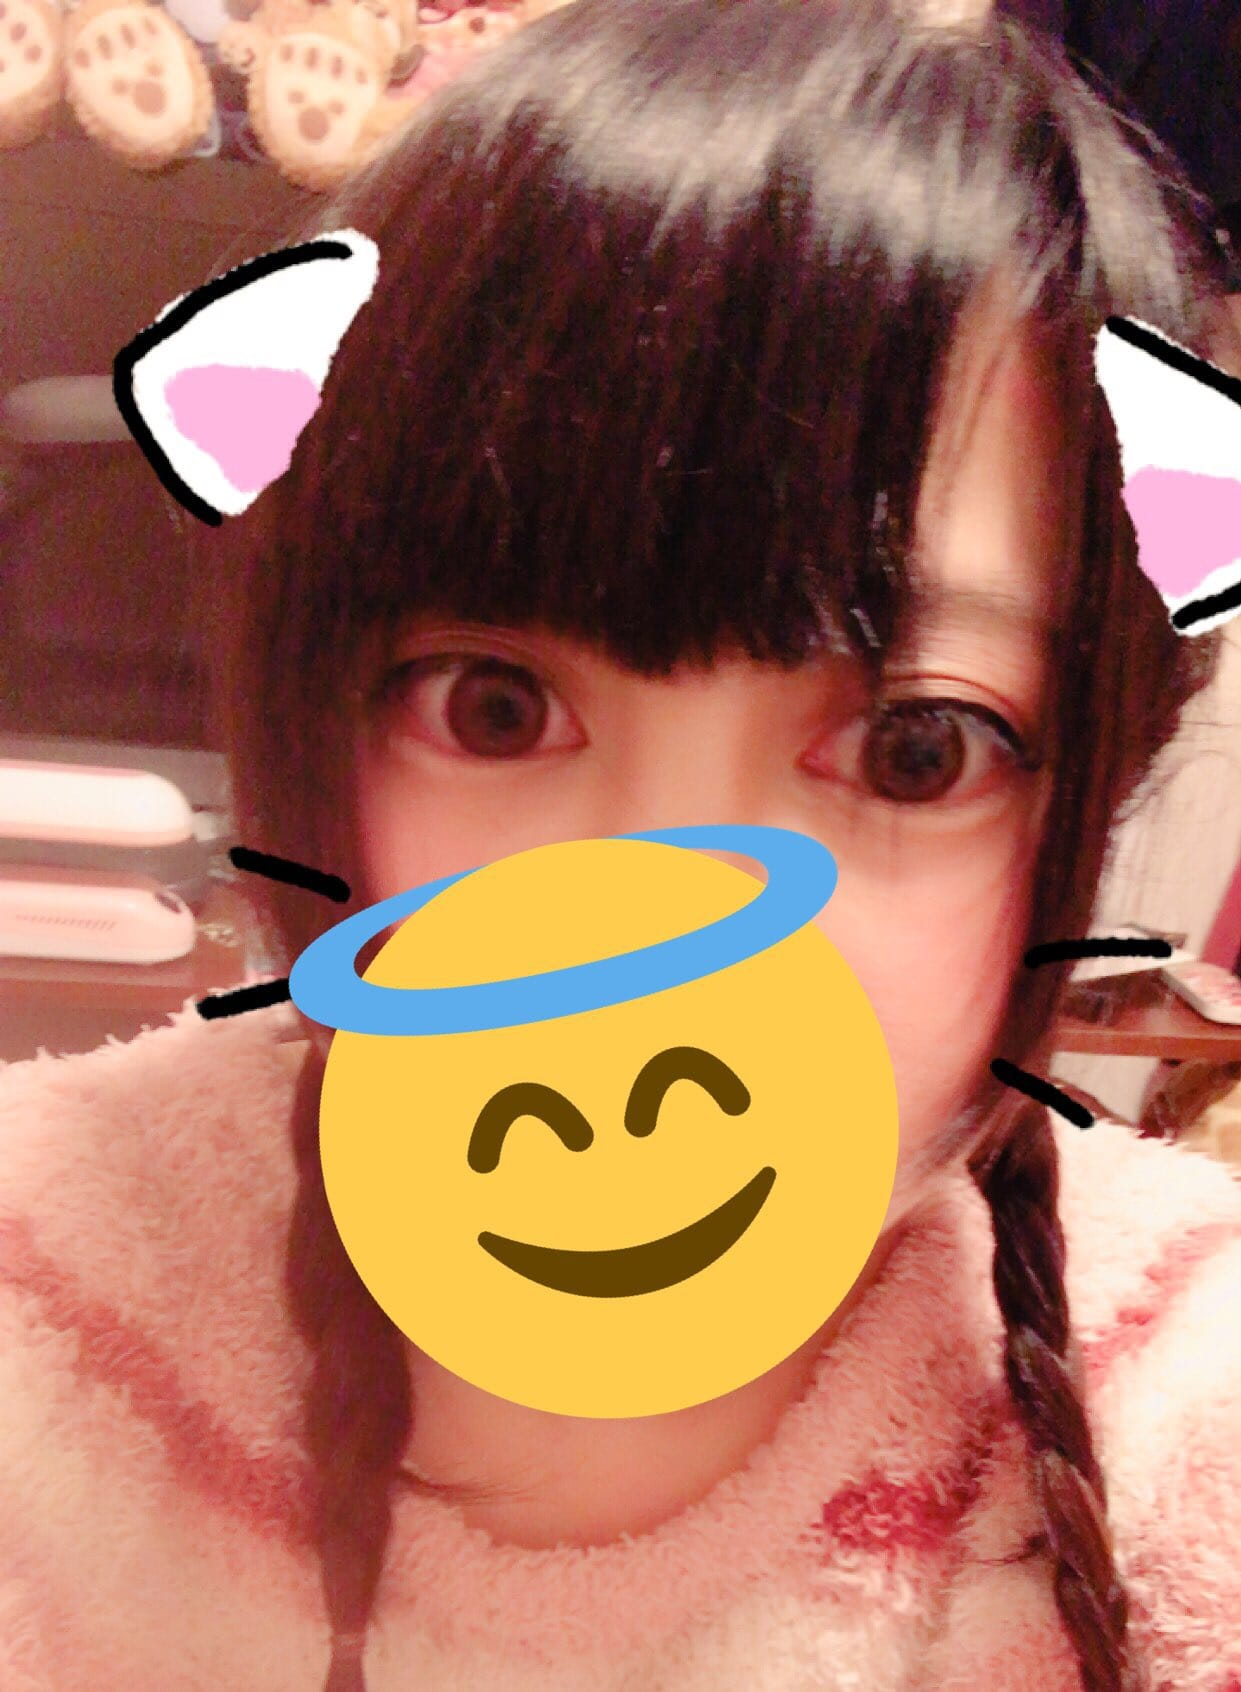 「!」12/11(12/11) 18:52   美奈-みな-の写メ・風俗動画